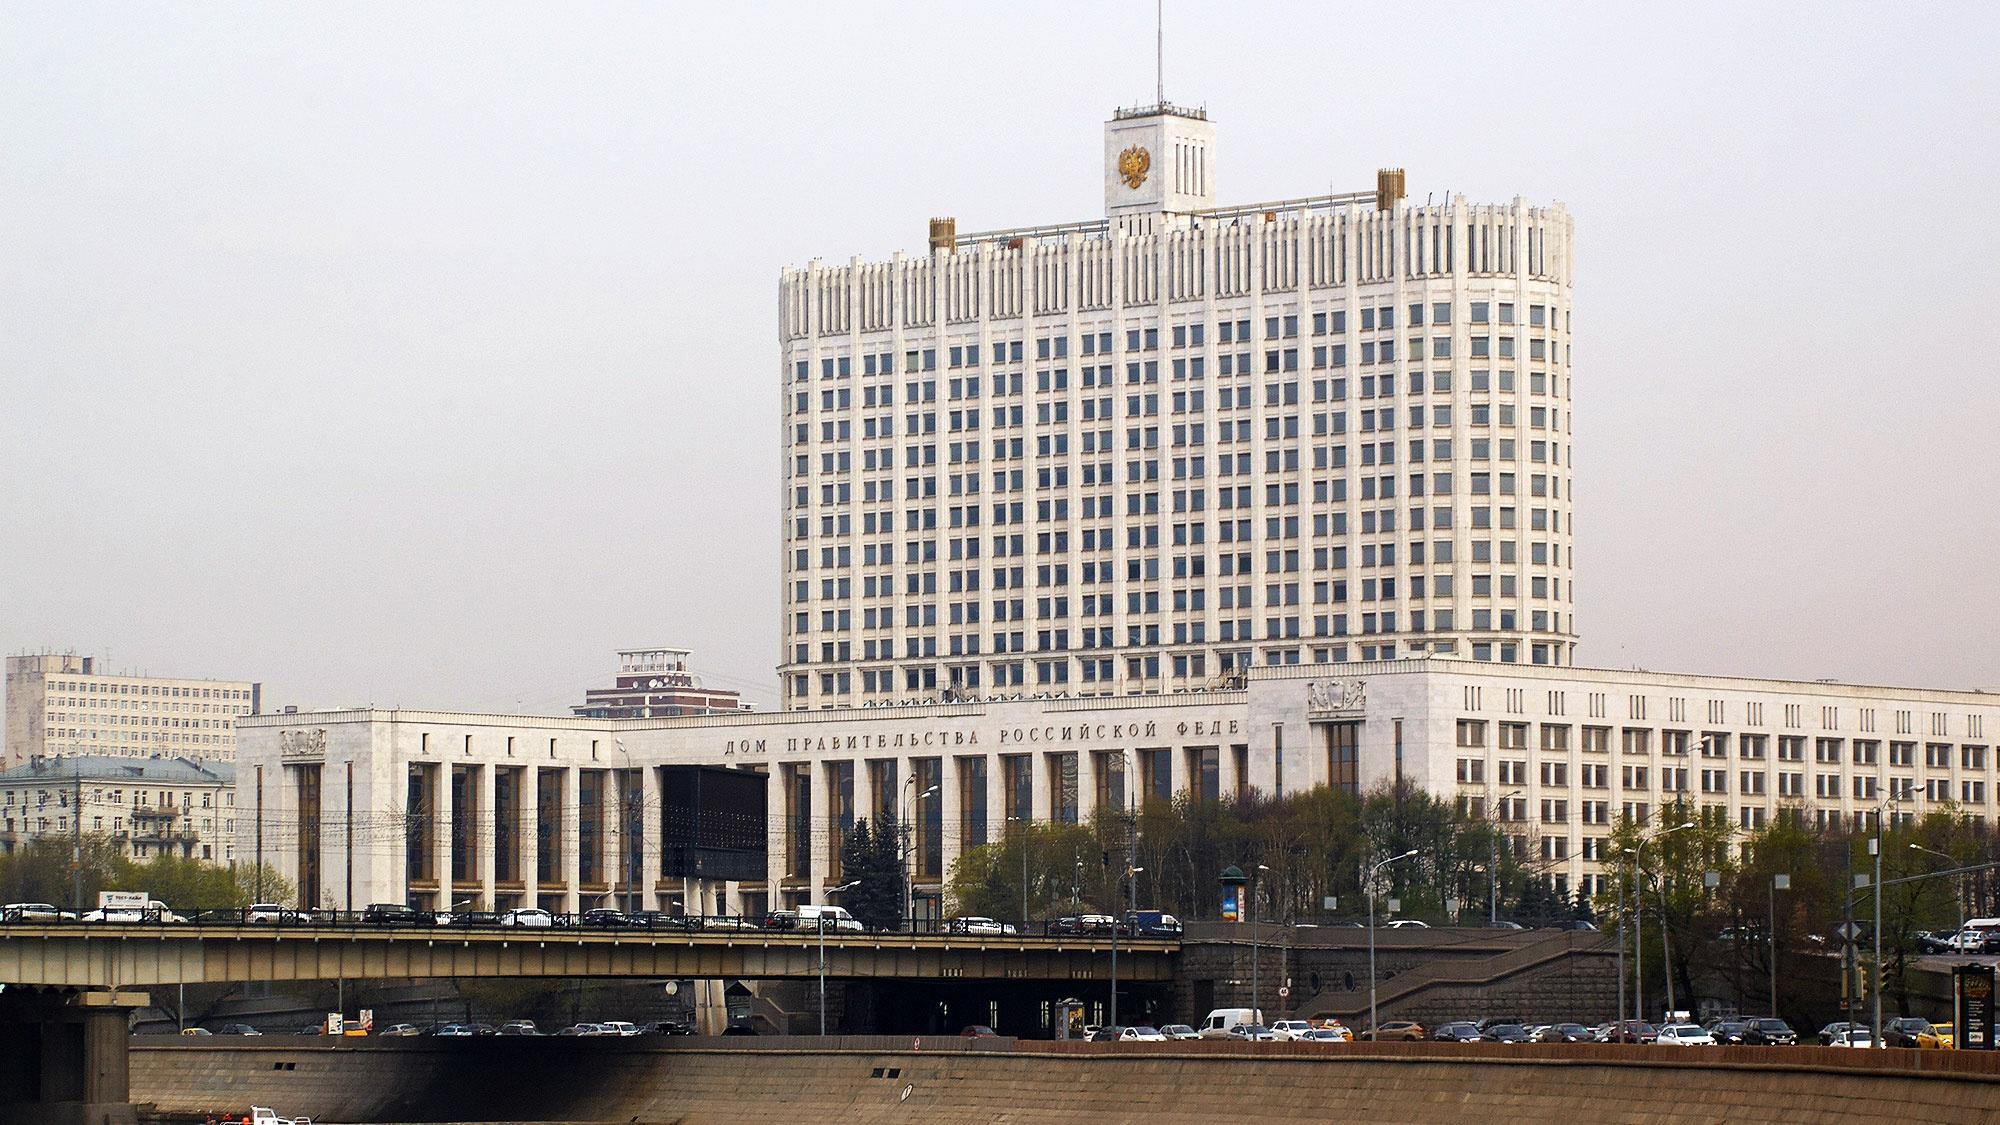 Кабмин утвердил меры поддержки системообразующих предприятий на фоне COVID-19